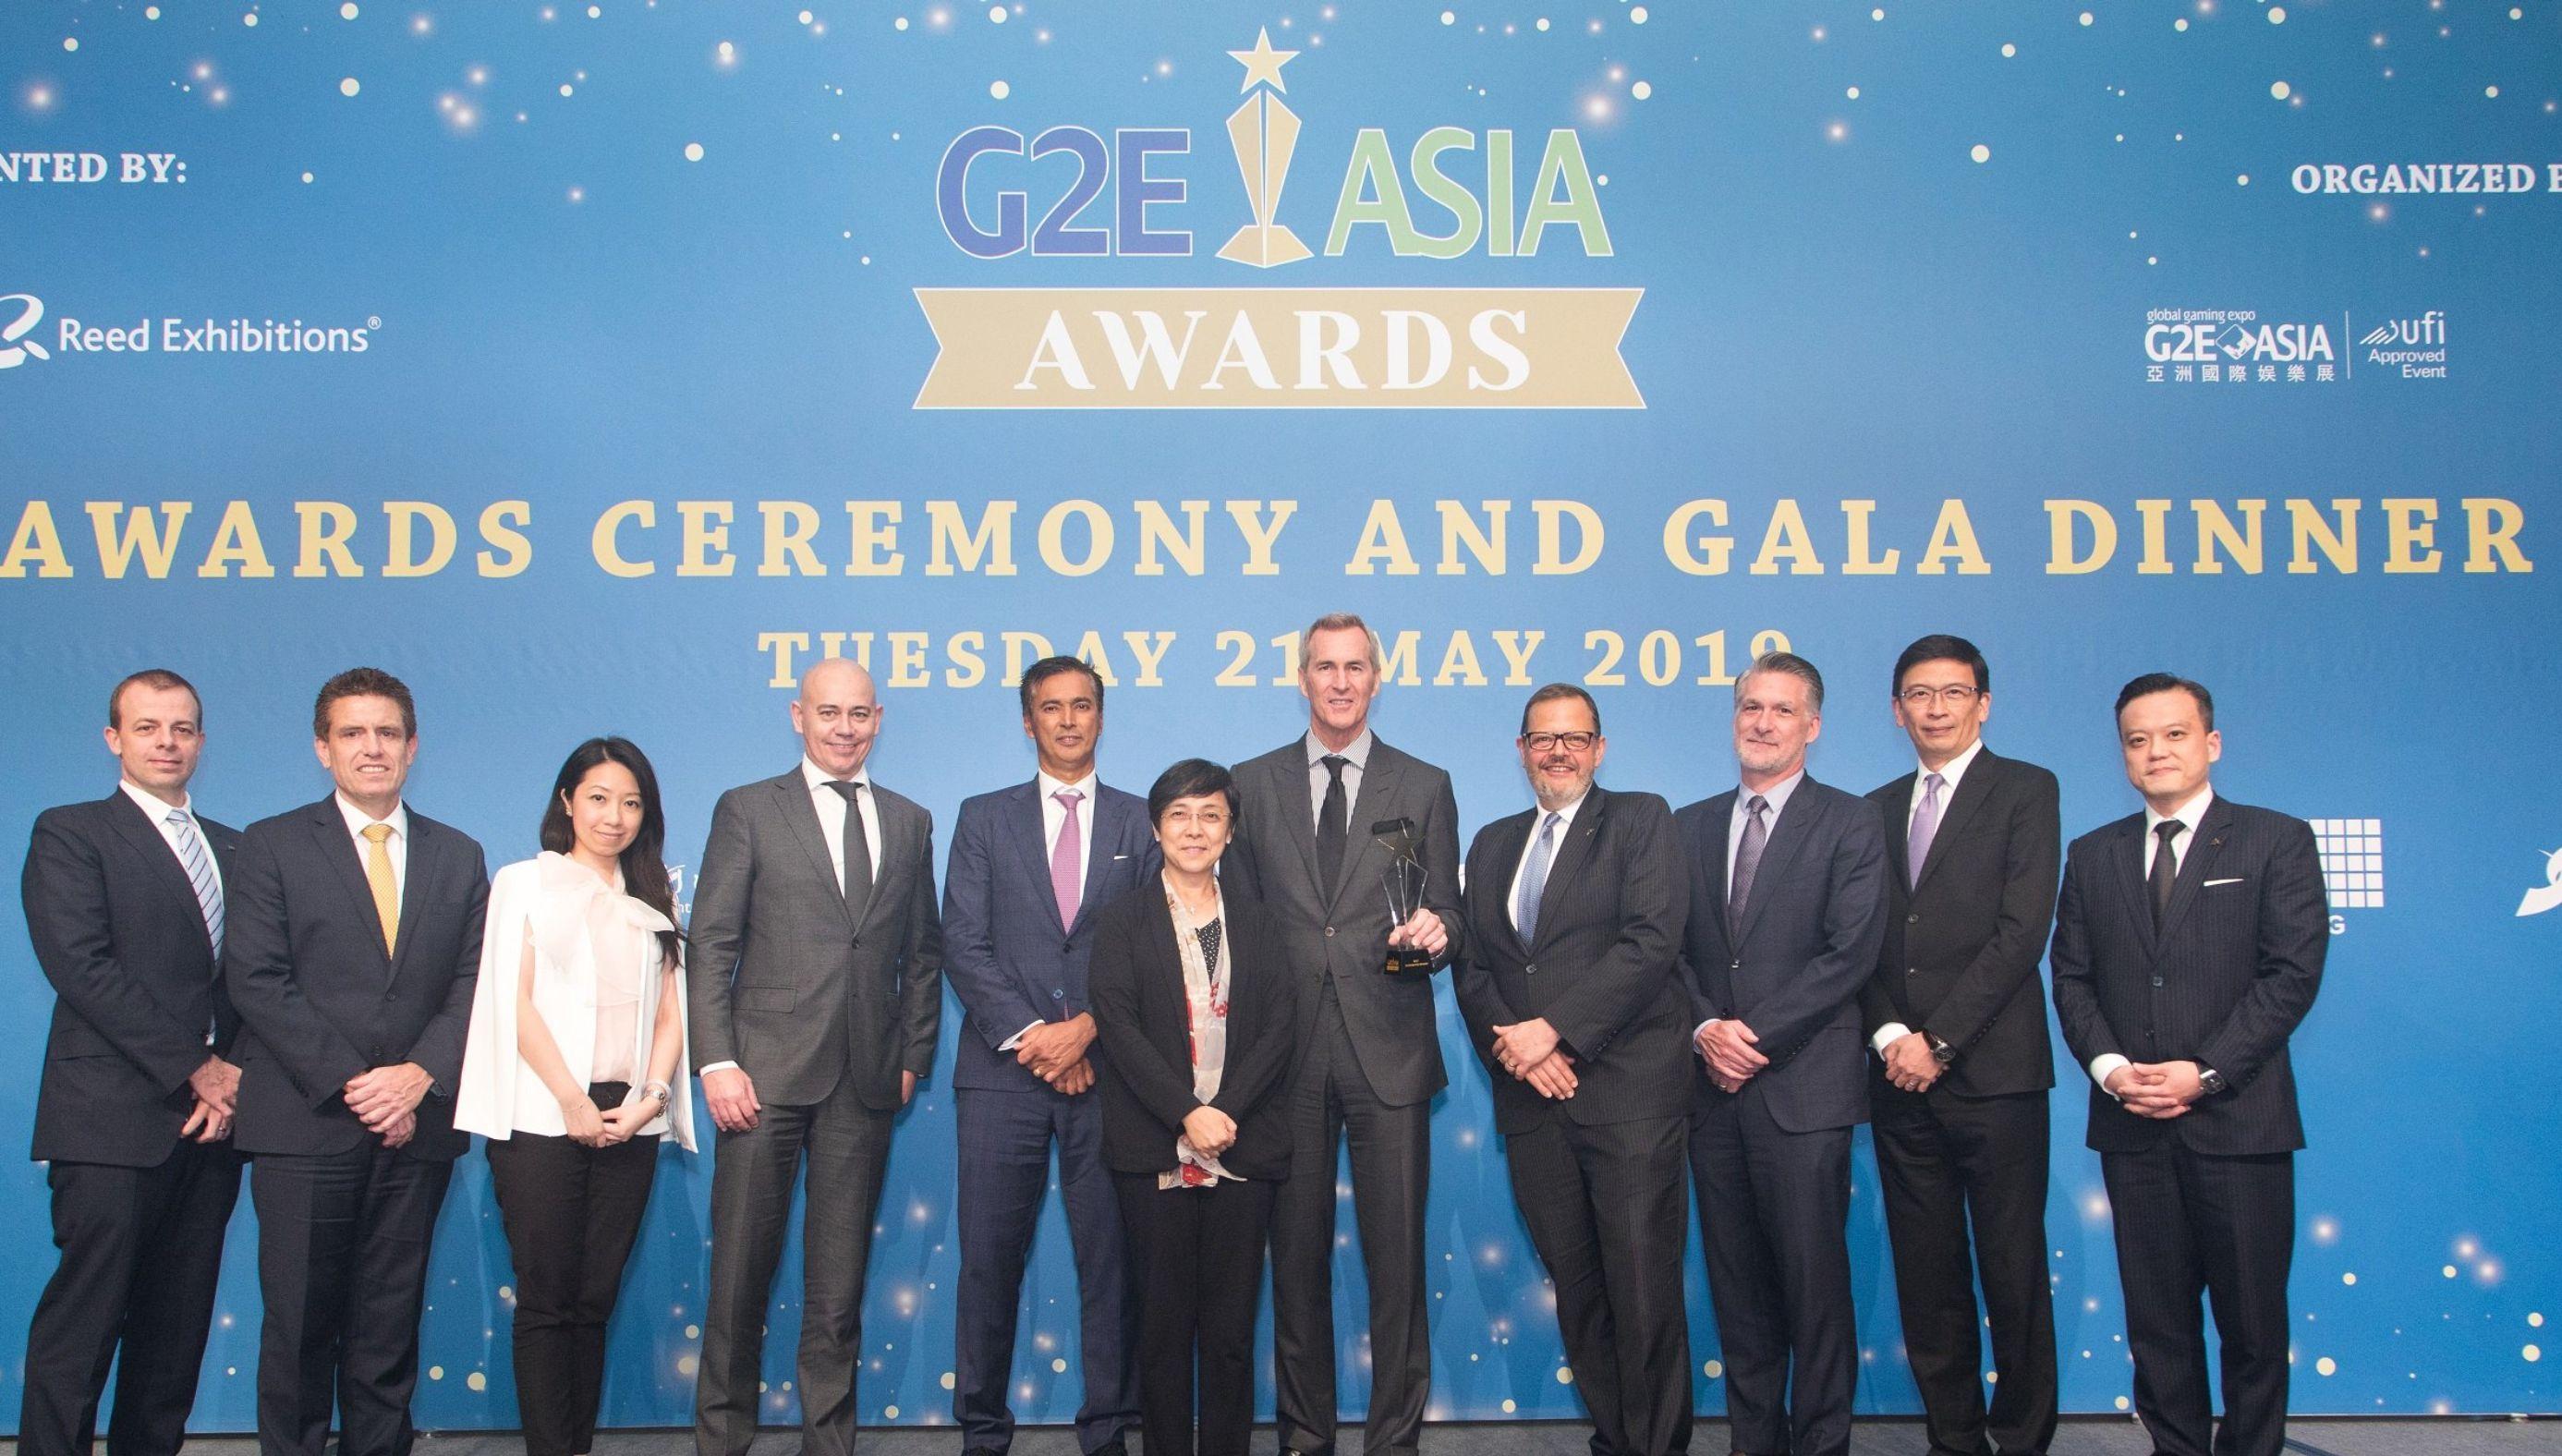 G2E ASIA AWARDS